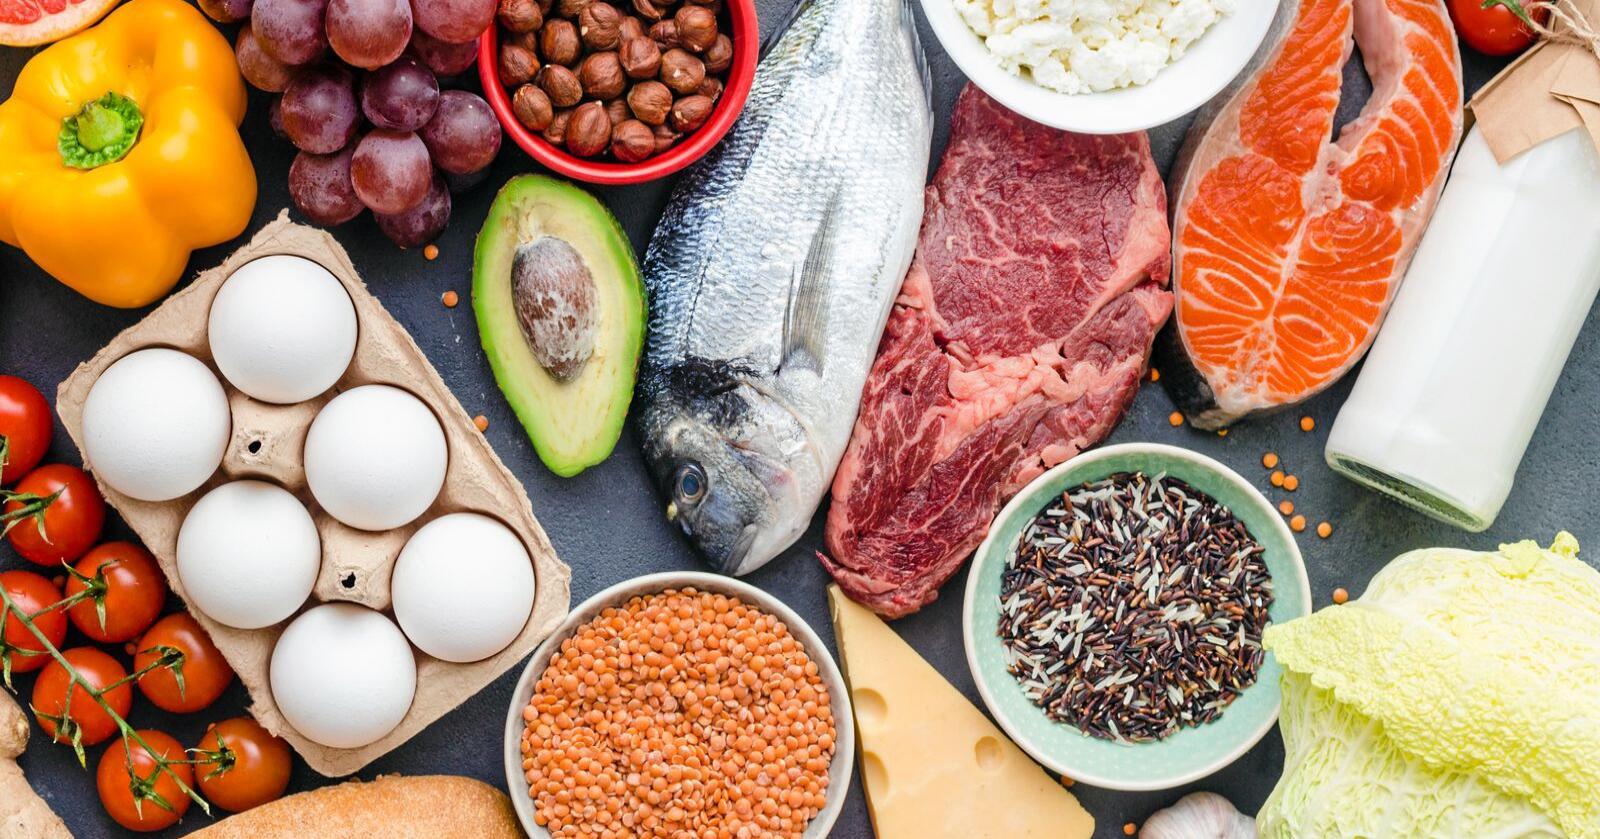 Det virker som kjøttindustrien motsetter seg forskning som viser de store helse- og samfunnsgevinstene ved kjøttkutt og et sunnere og grønnere kosthold, skriver forfatterne av innlegget. Foto: Mostphotos